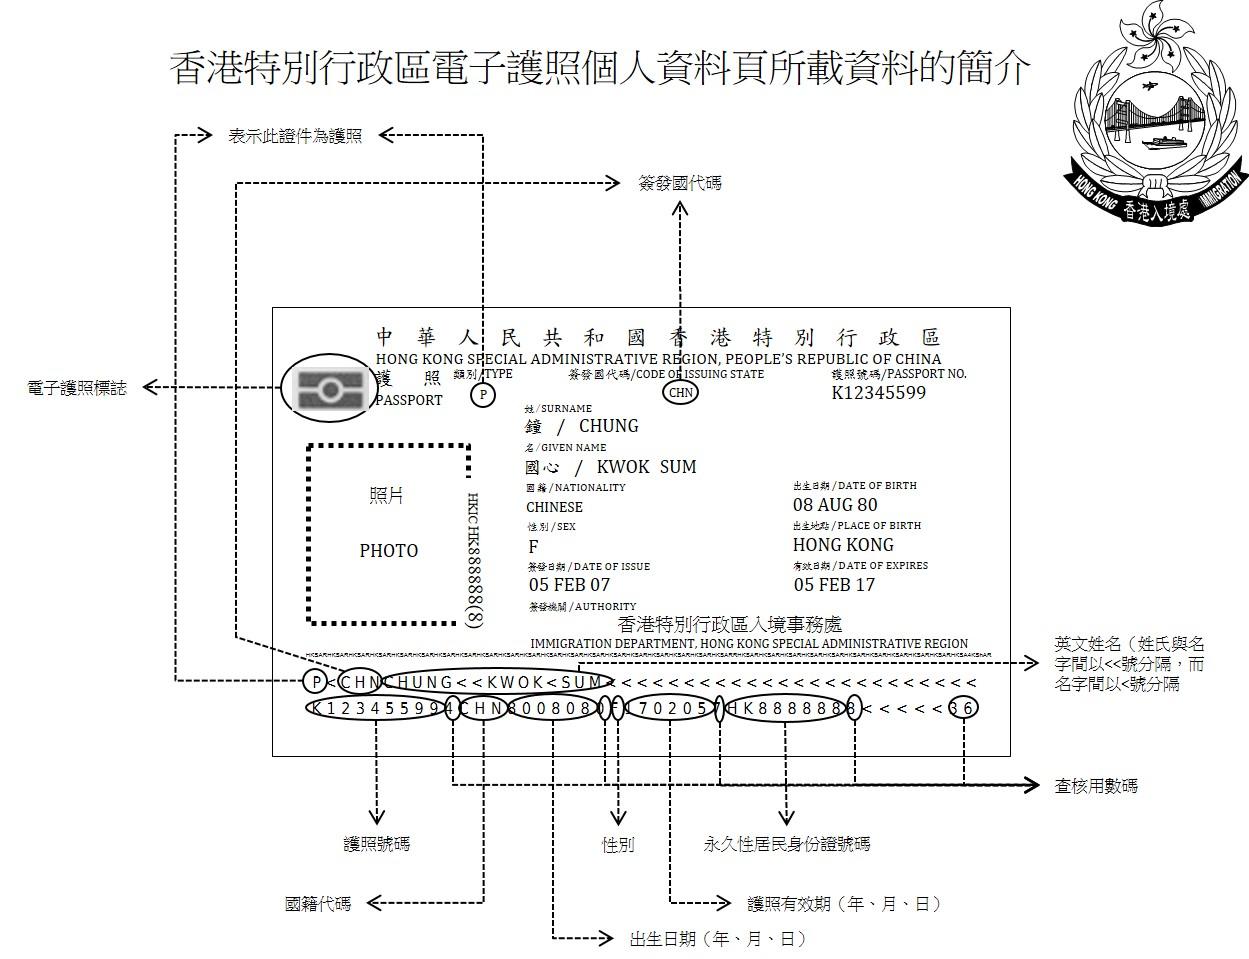 香 港 特 別 行 政 區 電 子 護 照 個 人 資 料 頁 所 載 資 料 簡 介